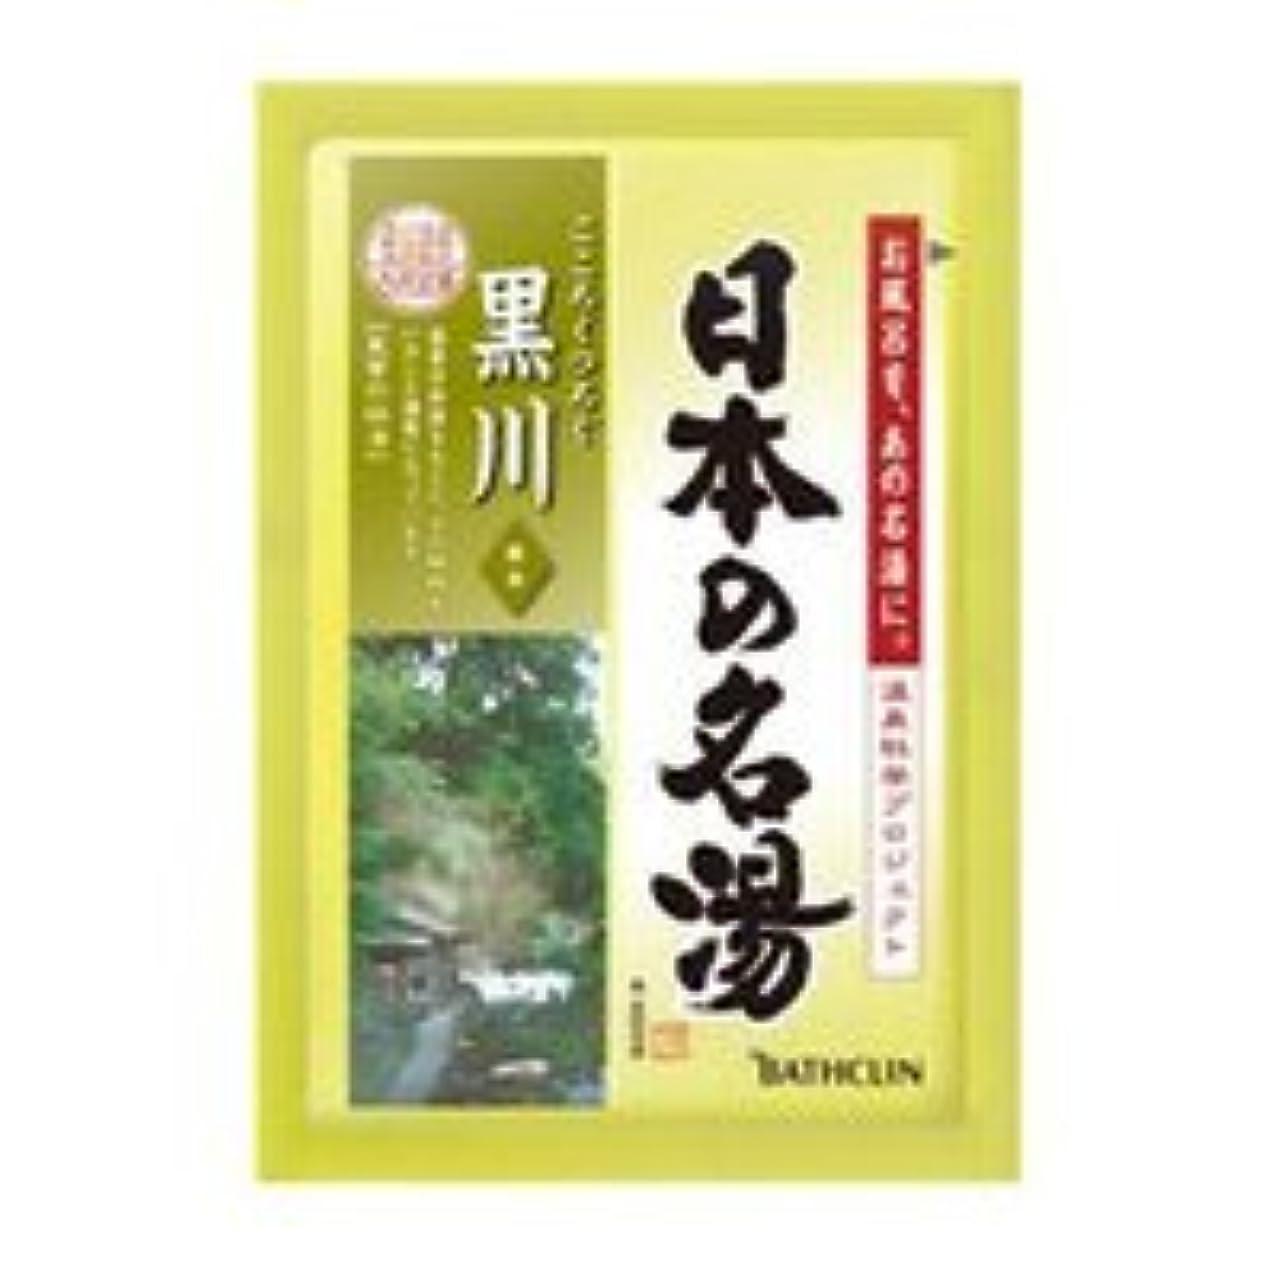 火山のを必要としています病なバスクリン 日本の名湯 黒川 1包 30g (温泉タイプ入浴剤)×120点セット (4548514135093)